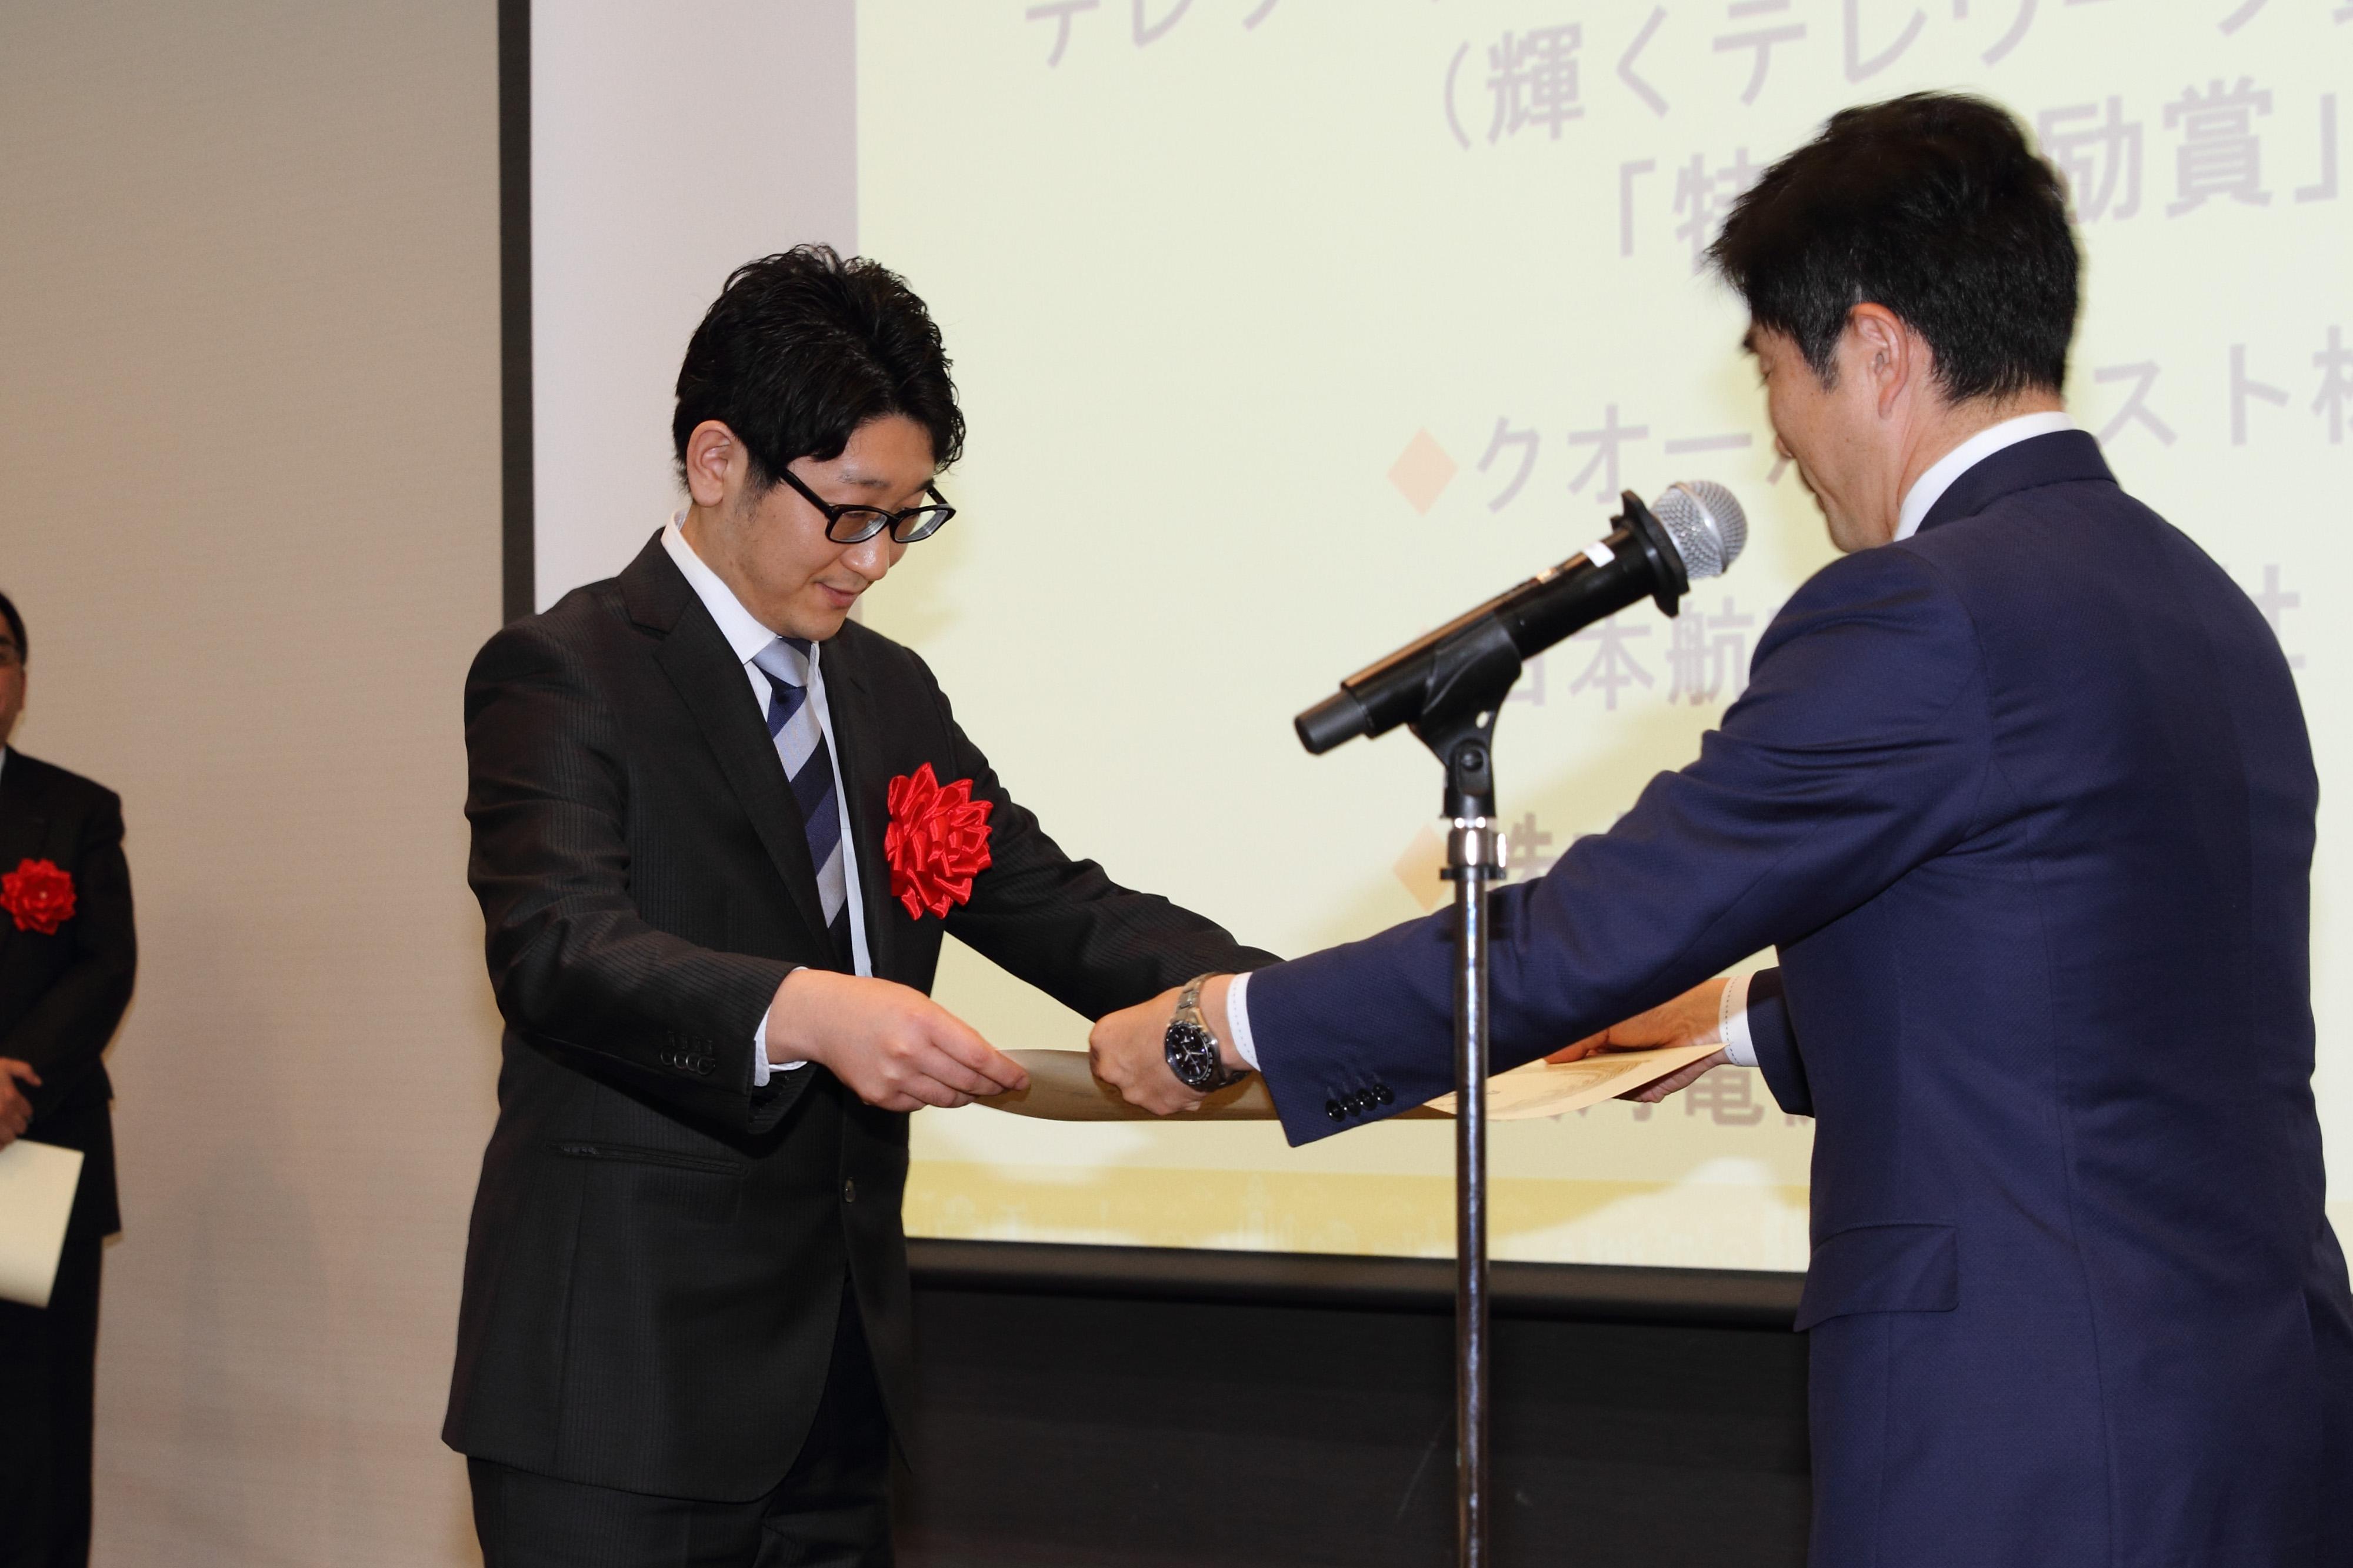 MUGENUP、平成29年度「輝くテレワーク賞」の特別奨励賞を受賞